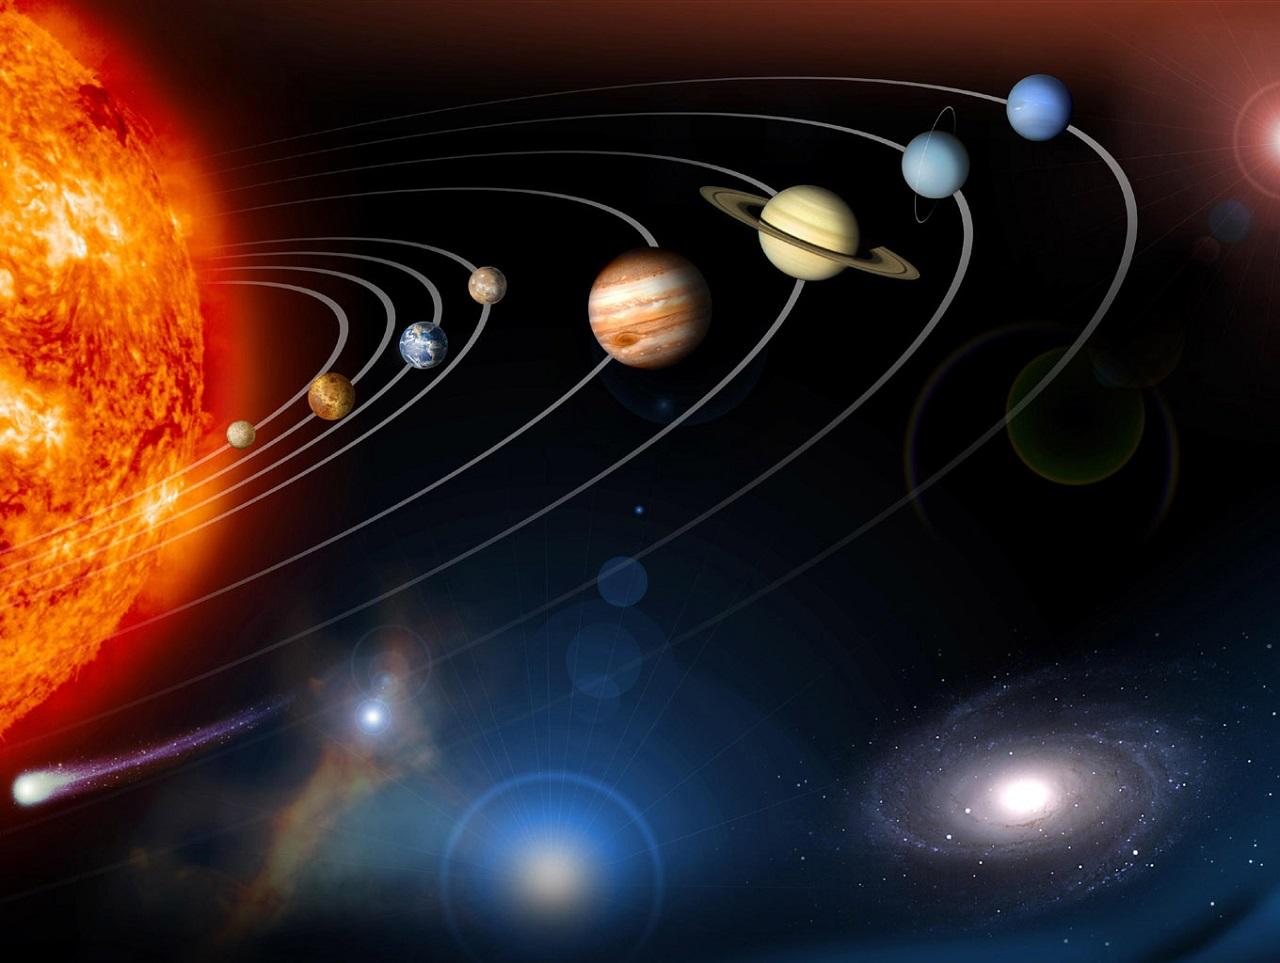 დედამიწის უახლოესი მეზობელი ვენერა არ არის - რომელ პლანეტას ერგო ეს პატივი